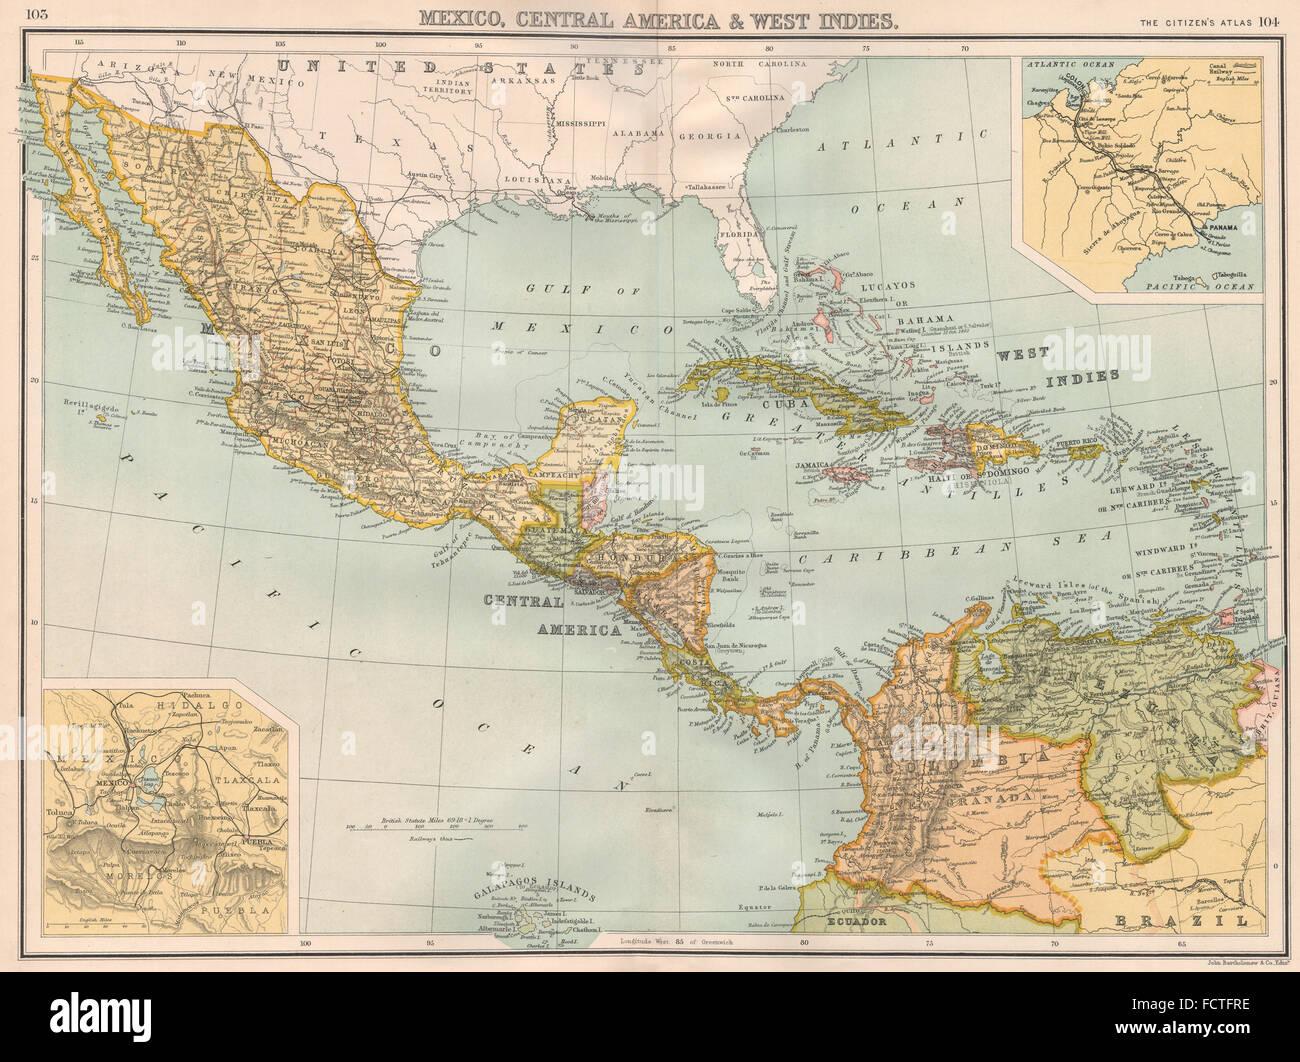 Panama Mexico Map.Central America Mexico Caribbean Panama Canal Bartholomew 1898